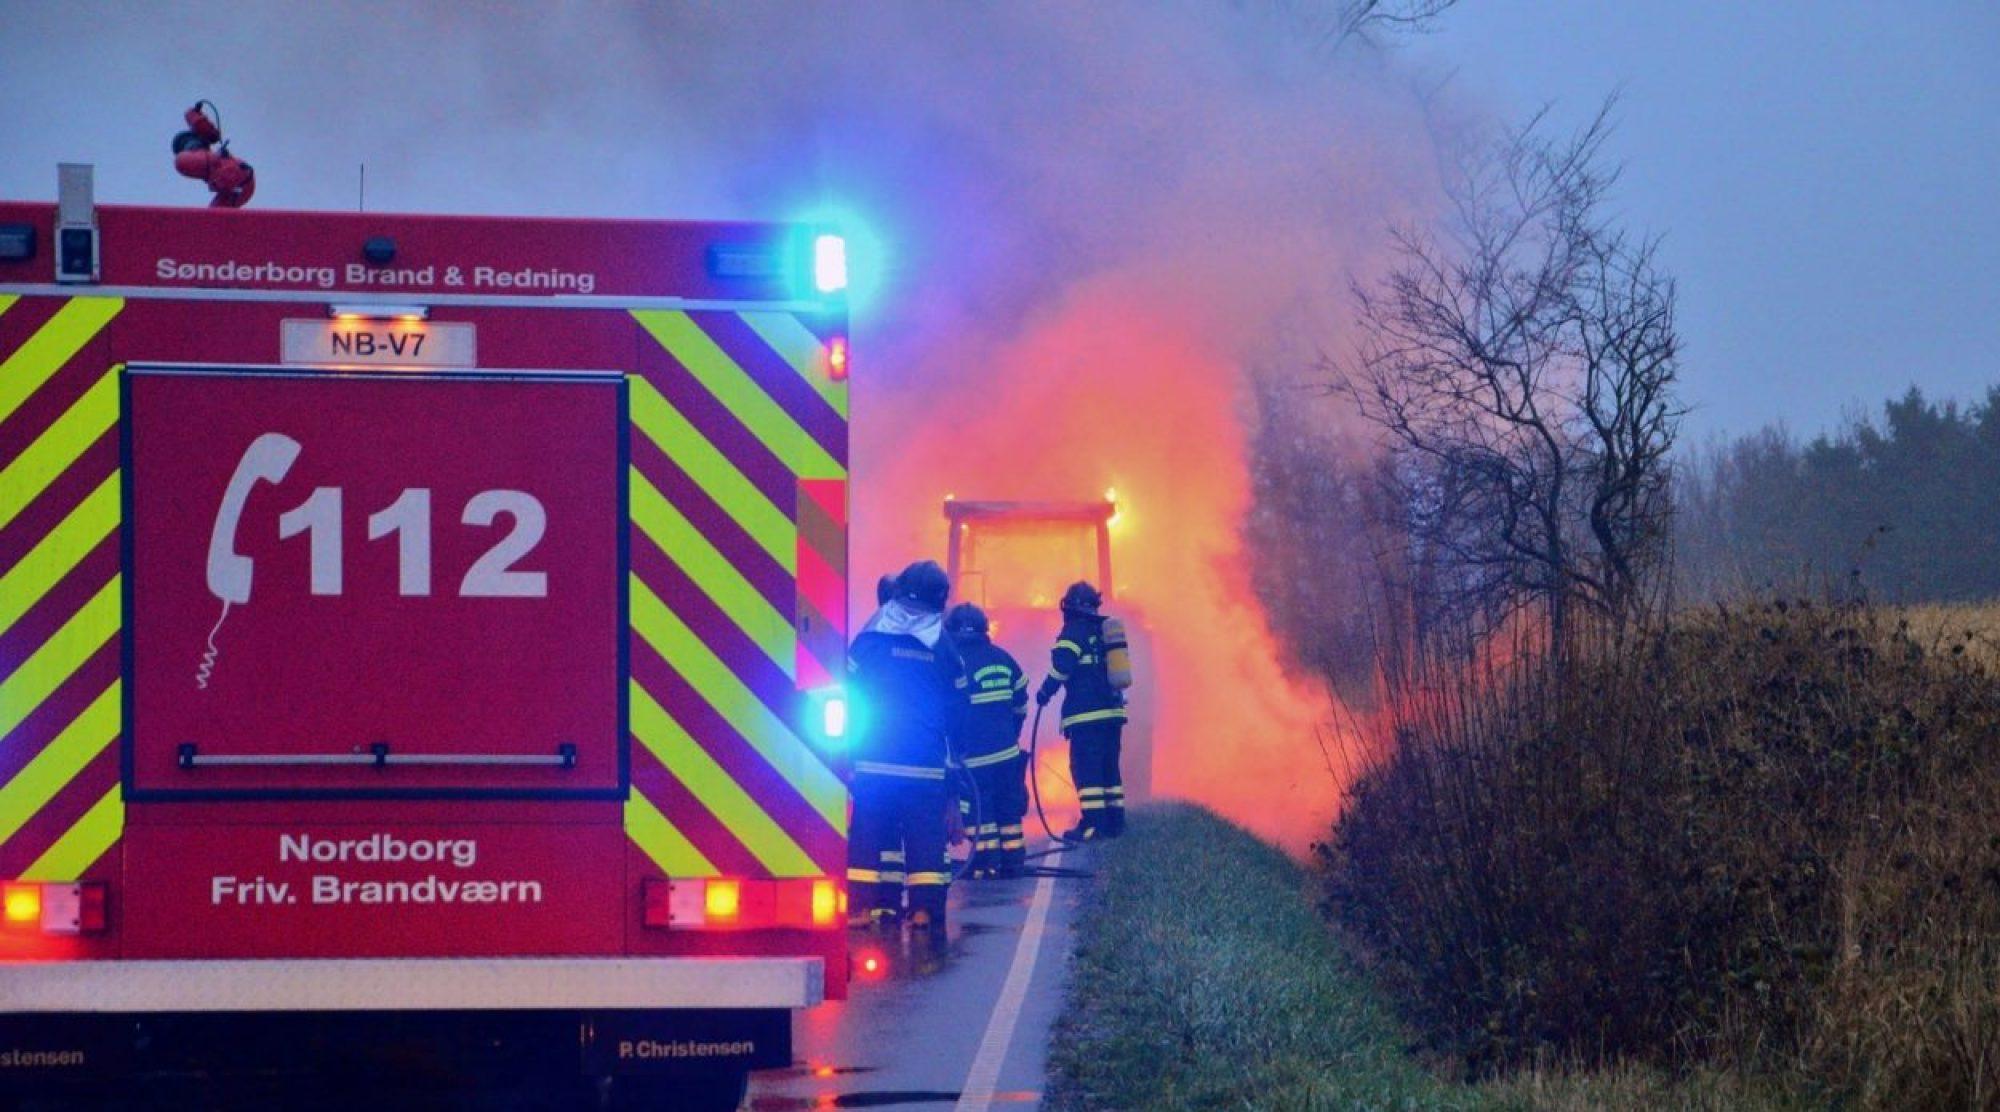 Nordborg Frivillige Brandværn